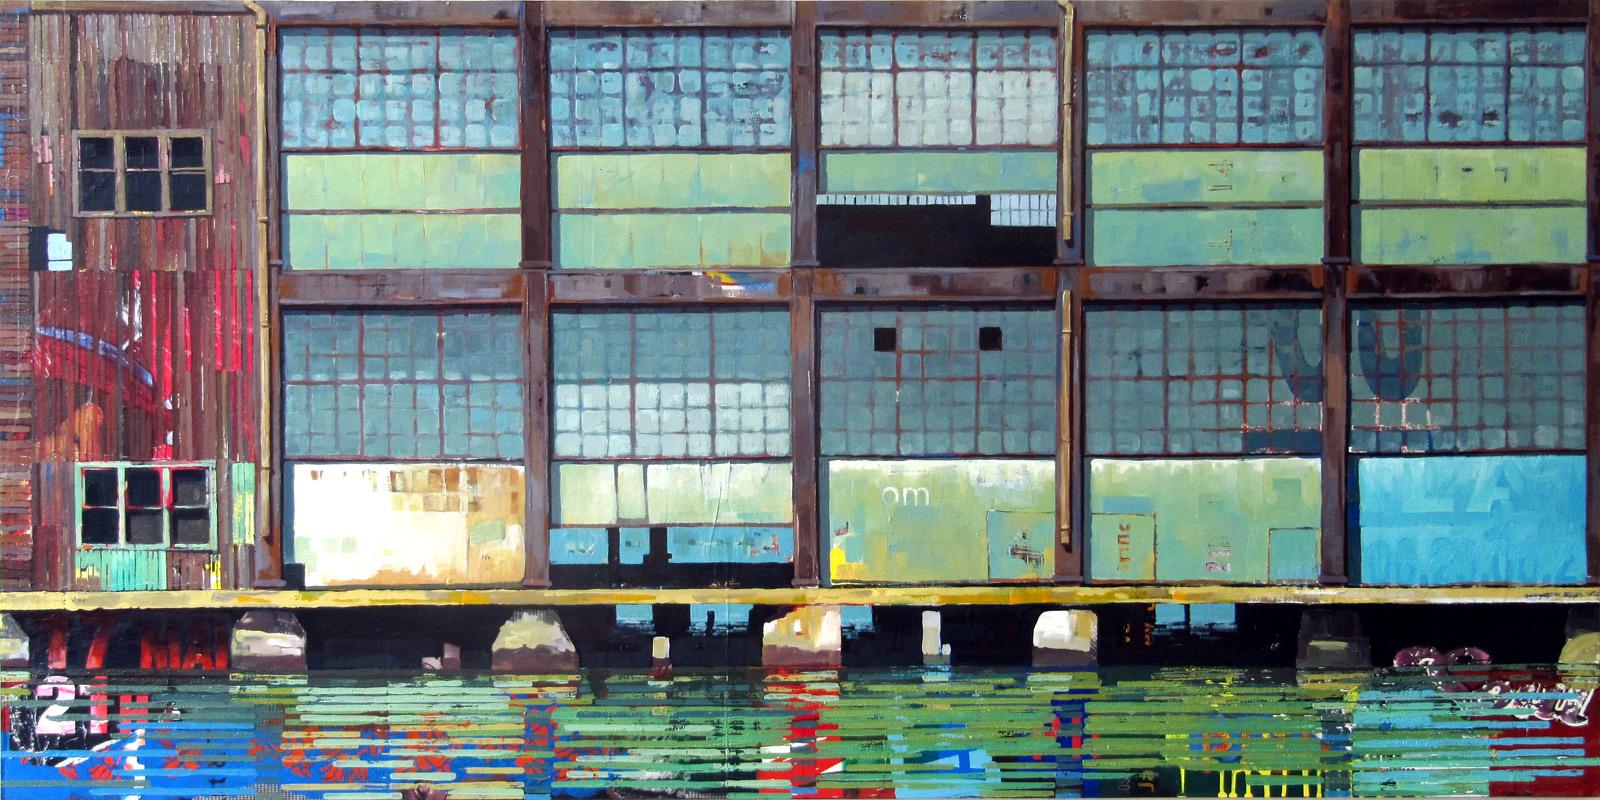 Pier 64 NYC No. 2